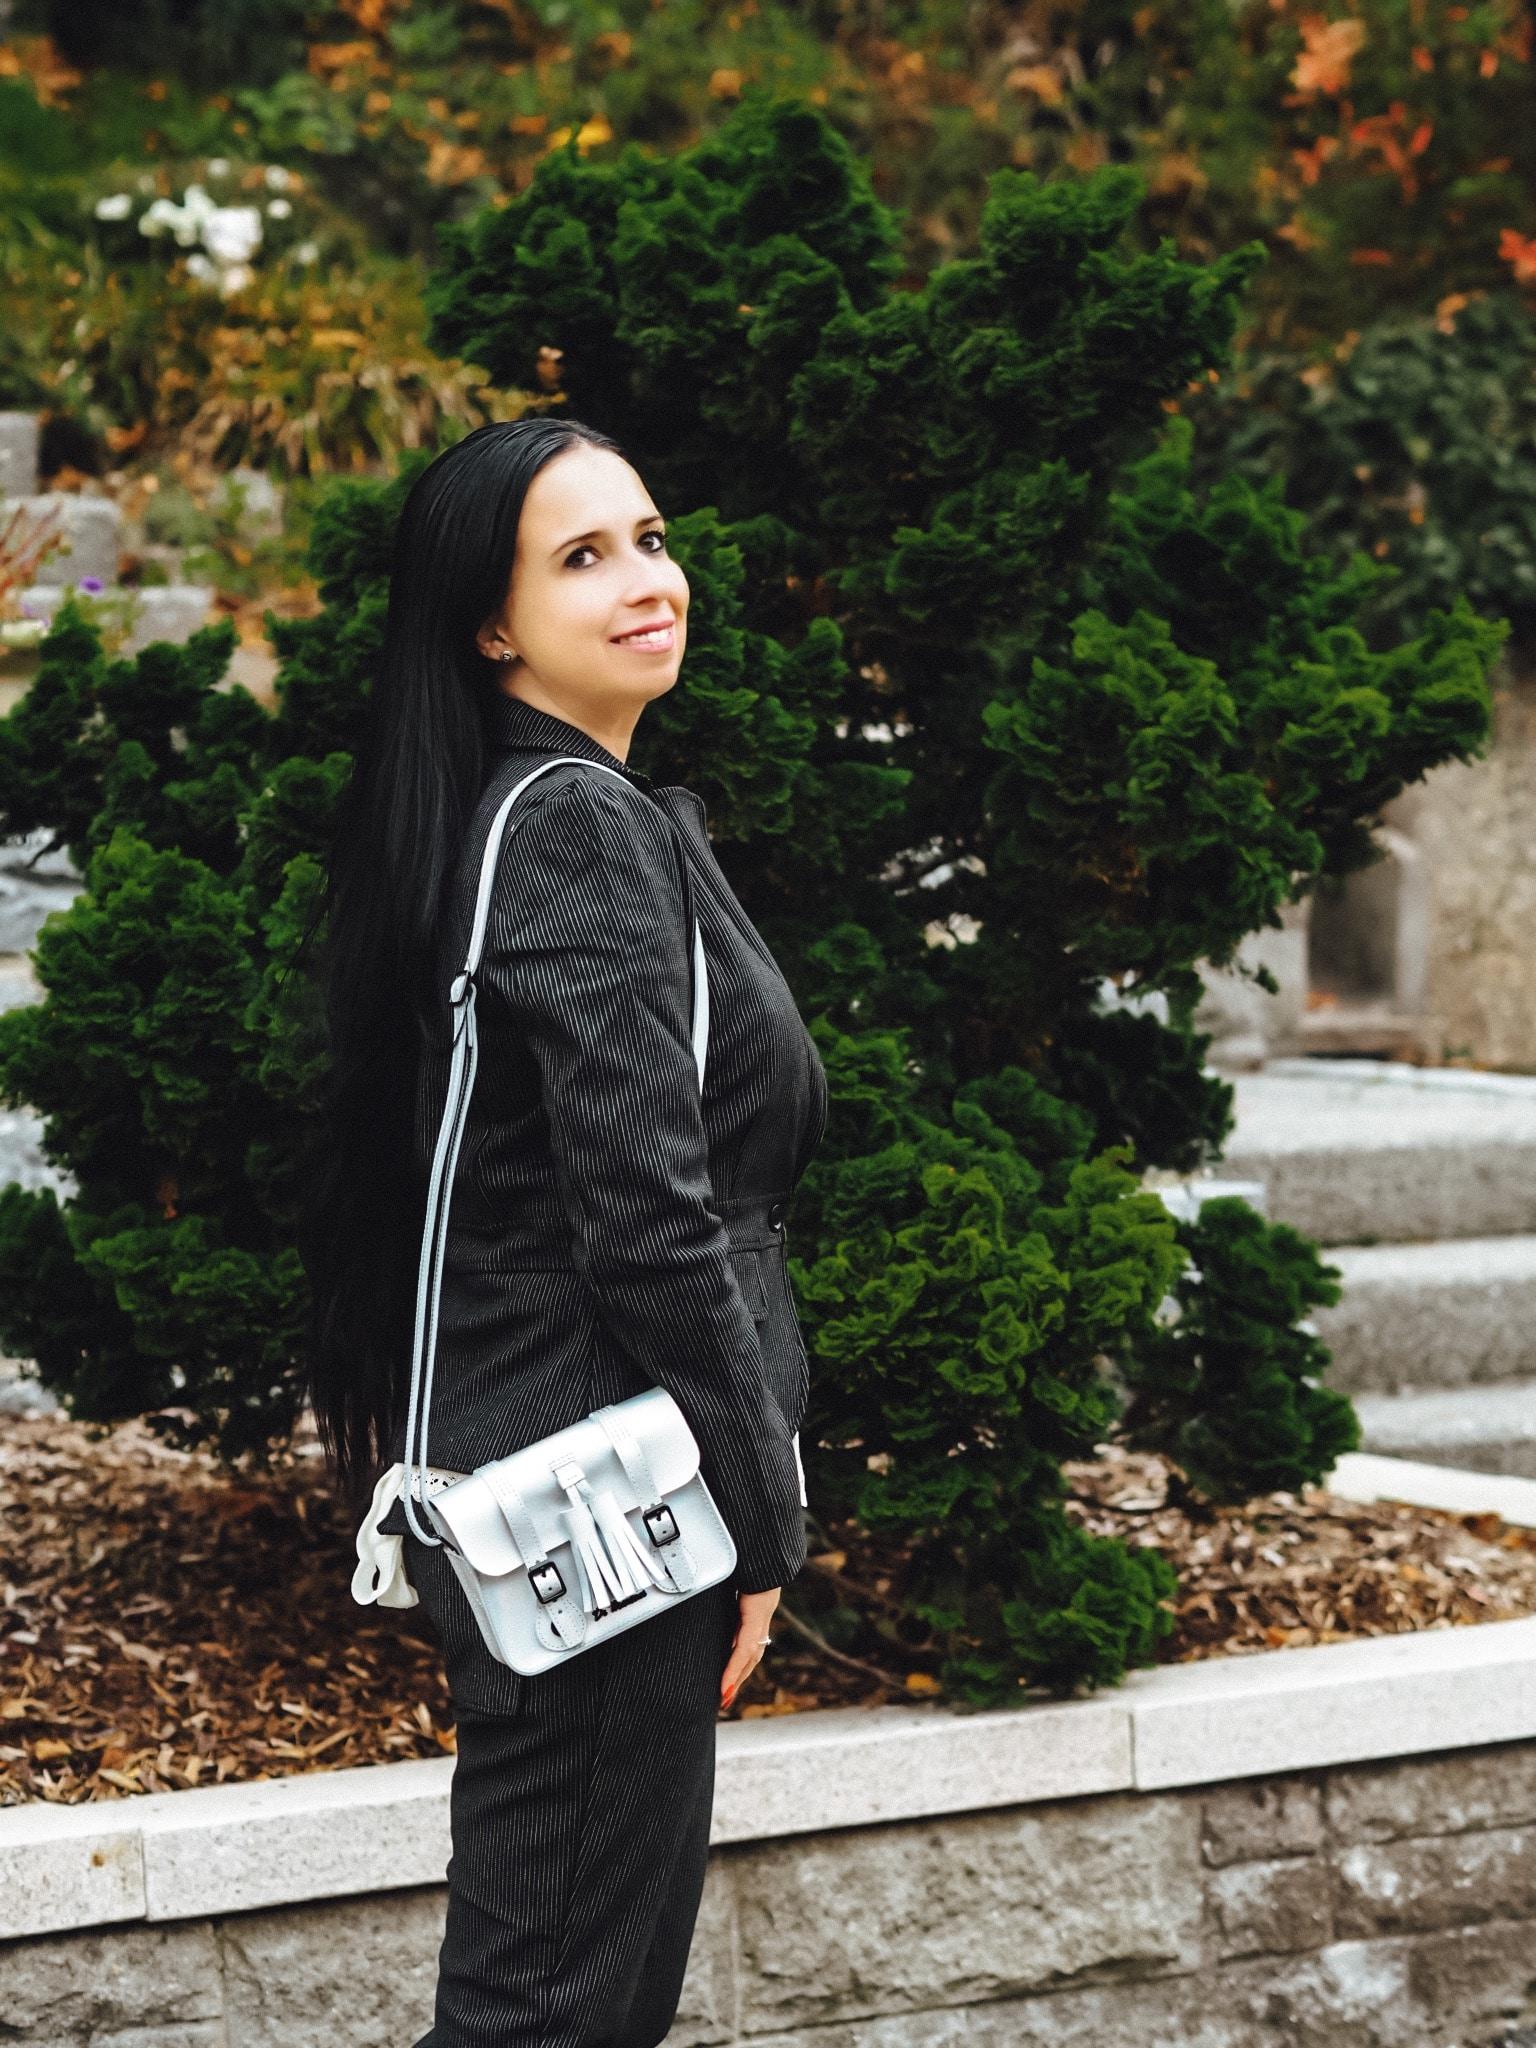 Heute stelle ich euch die Dandy in Love Kollektion von Vive Maria auf dem Blog ausführlich mit vielen Bildern vor und erzähle euch was einen Dandy ausmacht